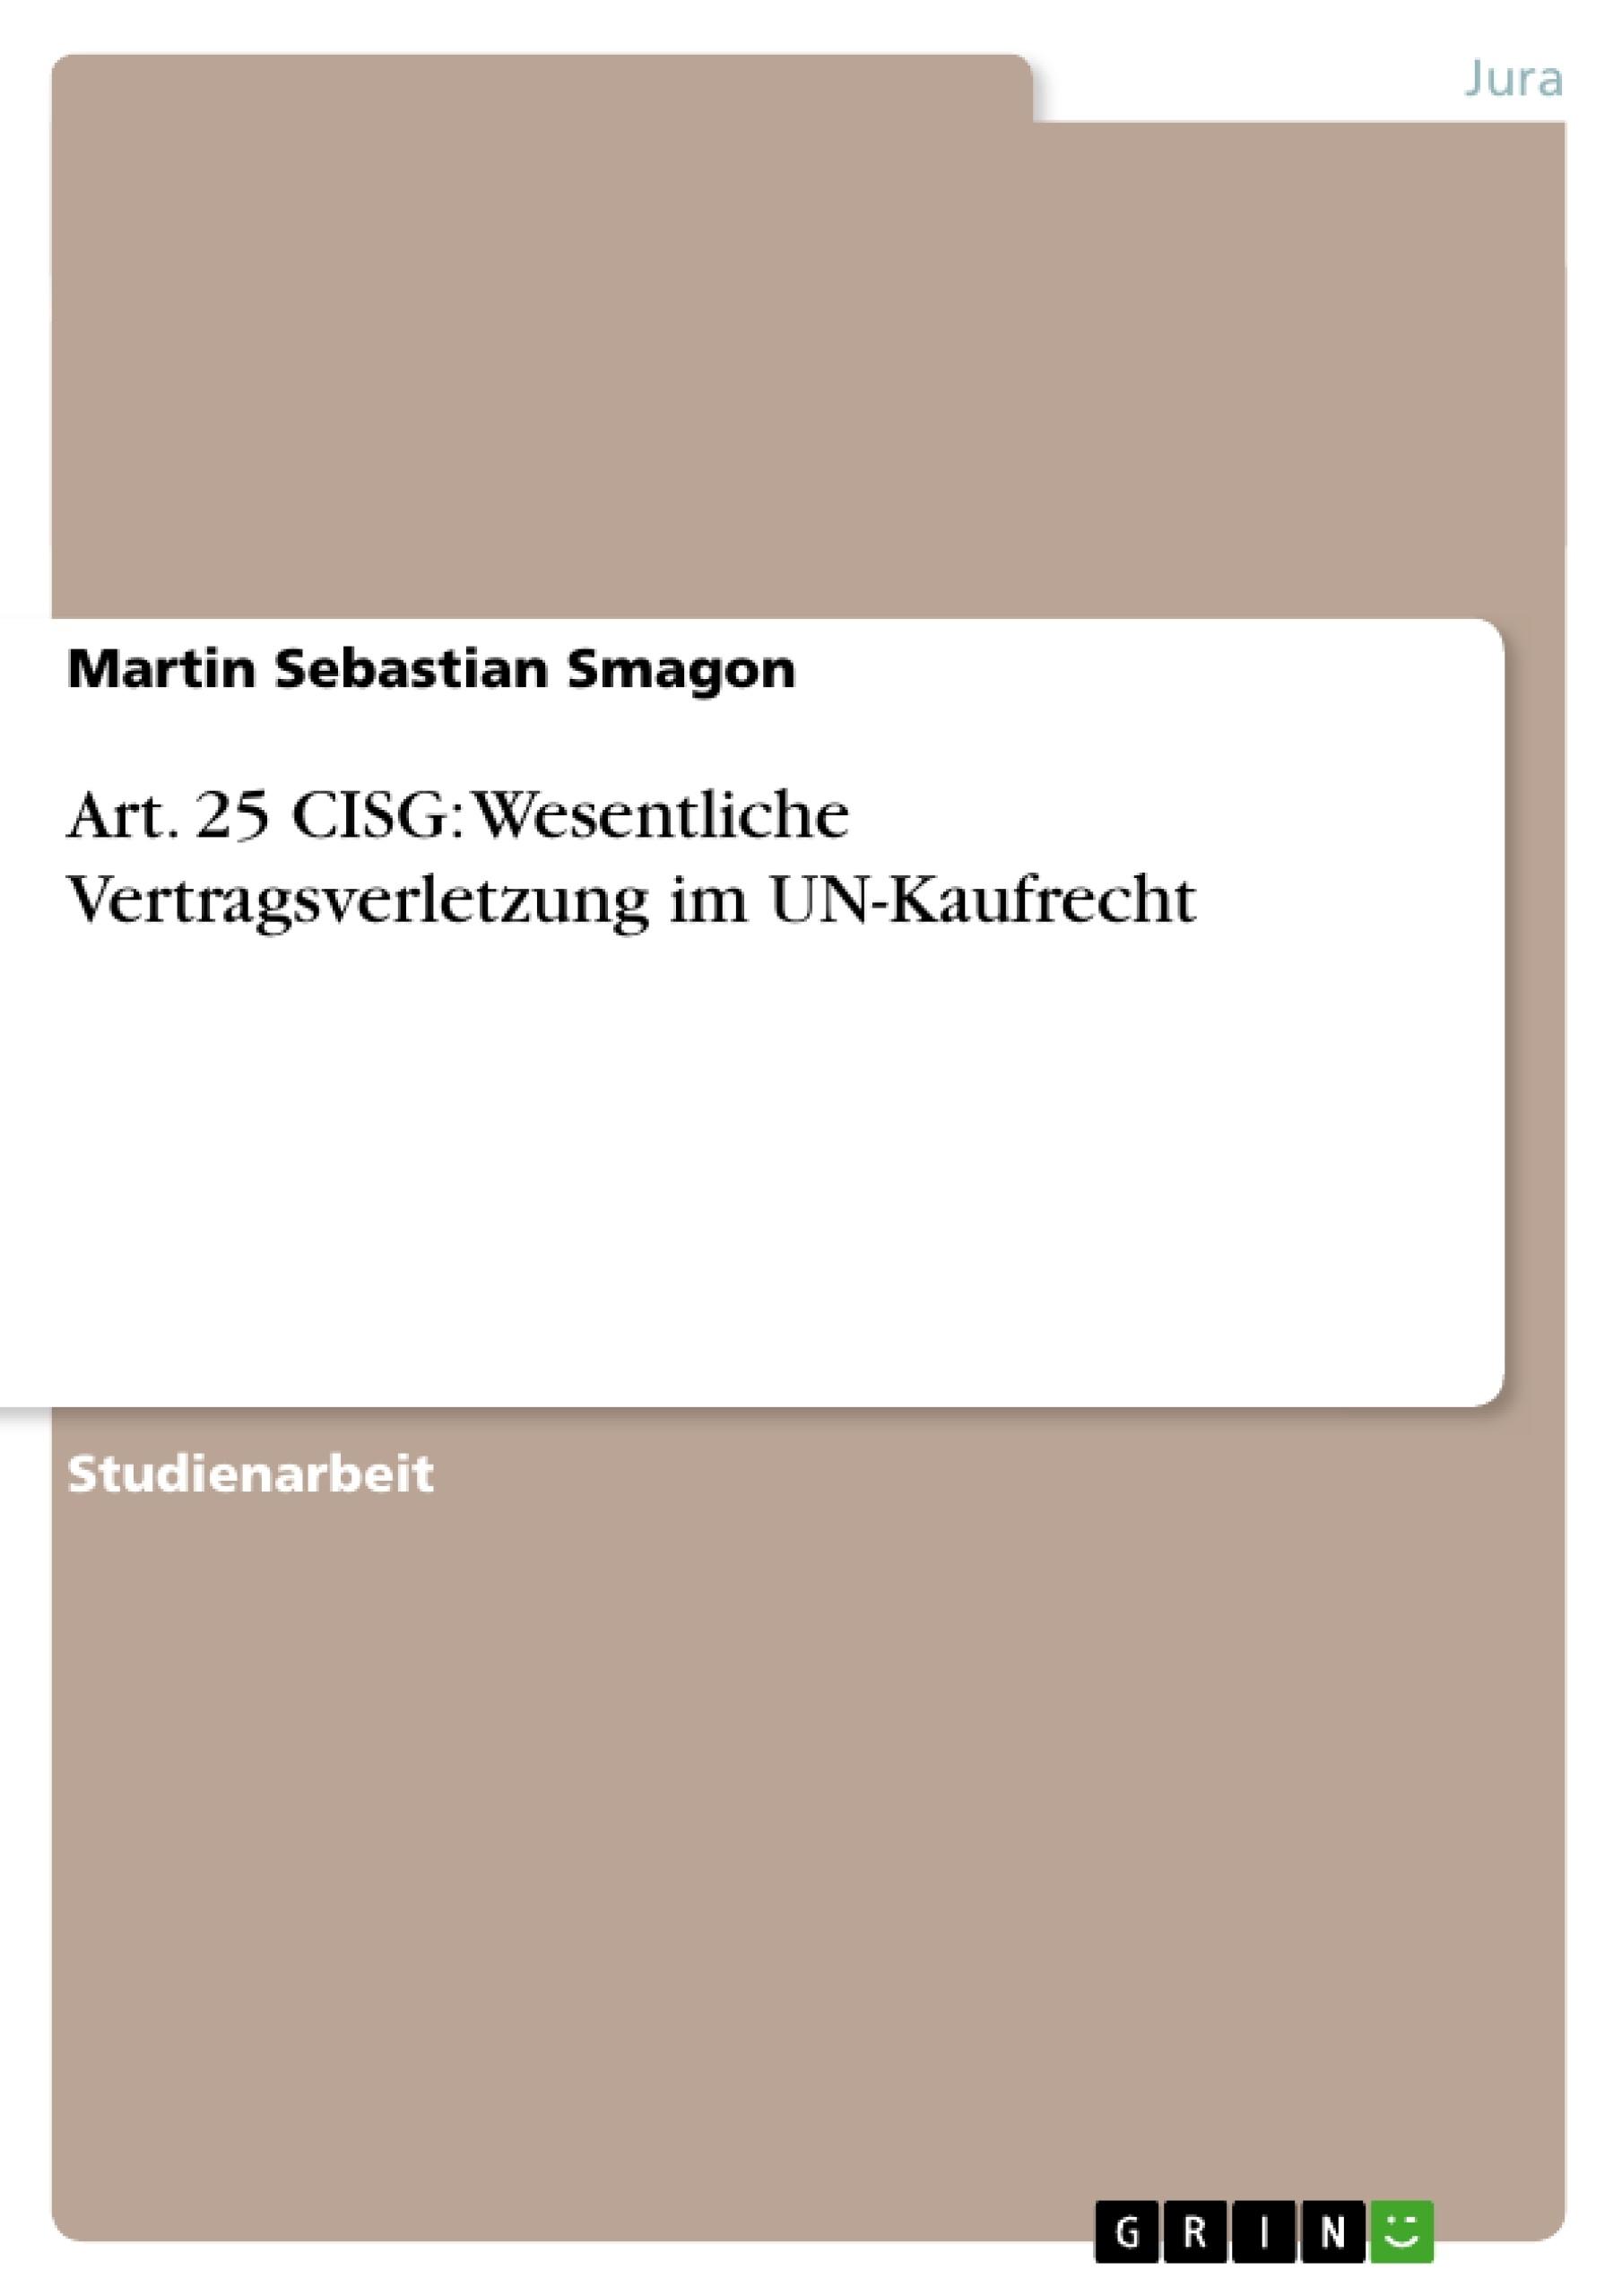 Titel: Art. 25 CISG: Wesentliche Vertragsverletzung im UN-Kaufrecht